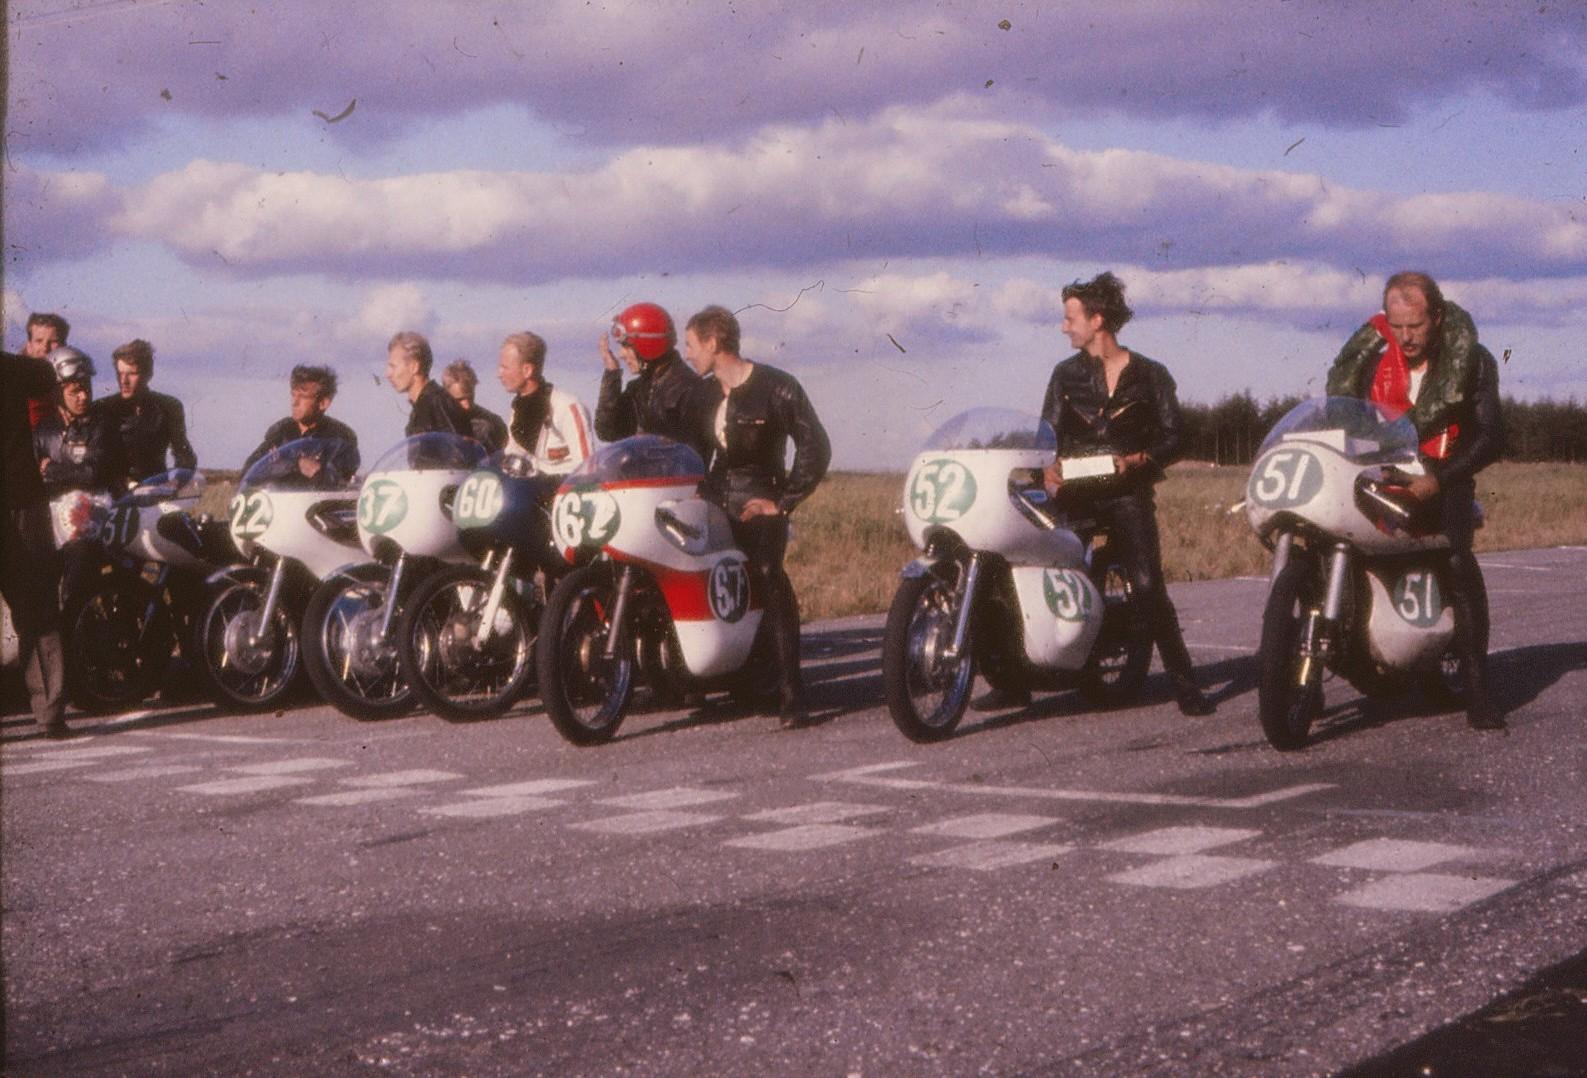 Dagens præmietagere. Fra højre Franz, Robert Olsen på Ole Møllers cykel, Chris Fisker og Claus Tarum. Den såkaldt internationale klasse, der udelukkende bestod af svenskere blev vundet af Kent Andersson med nr. 37 foran Børje Jansson nr. 22 og Bengt Grøndahl nr. 31.